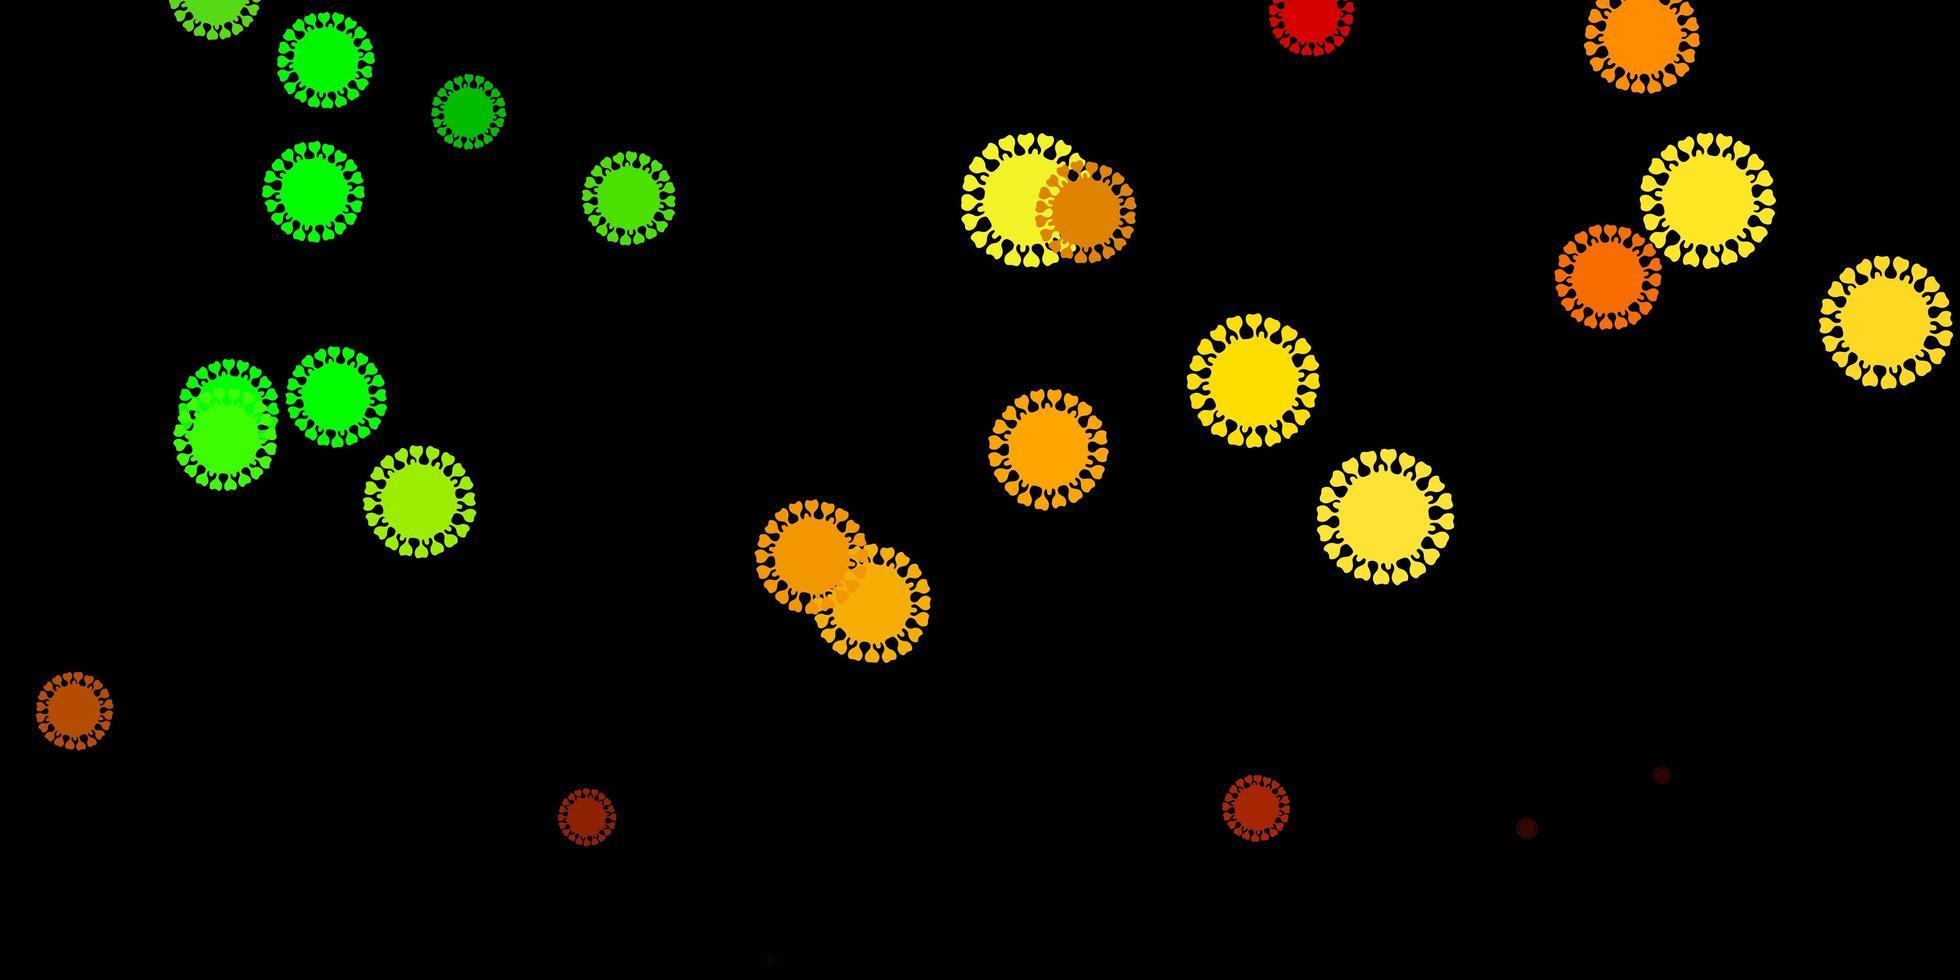 dunkelgrüne, gelbe Vektorschablone mit Grippezeichen. vektor